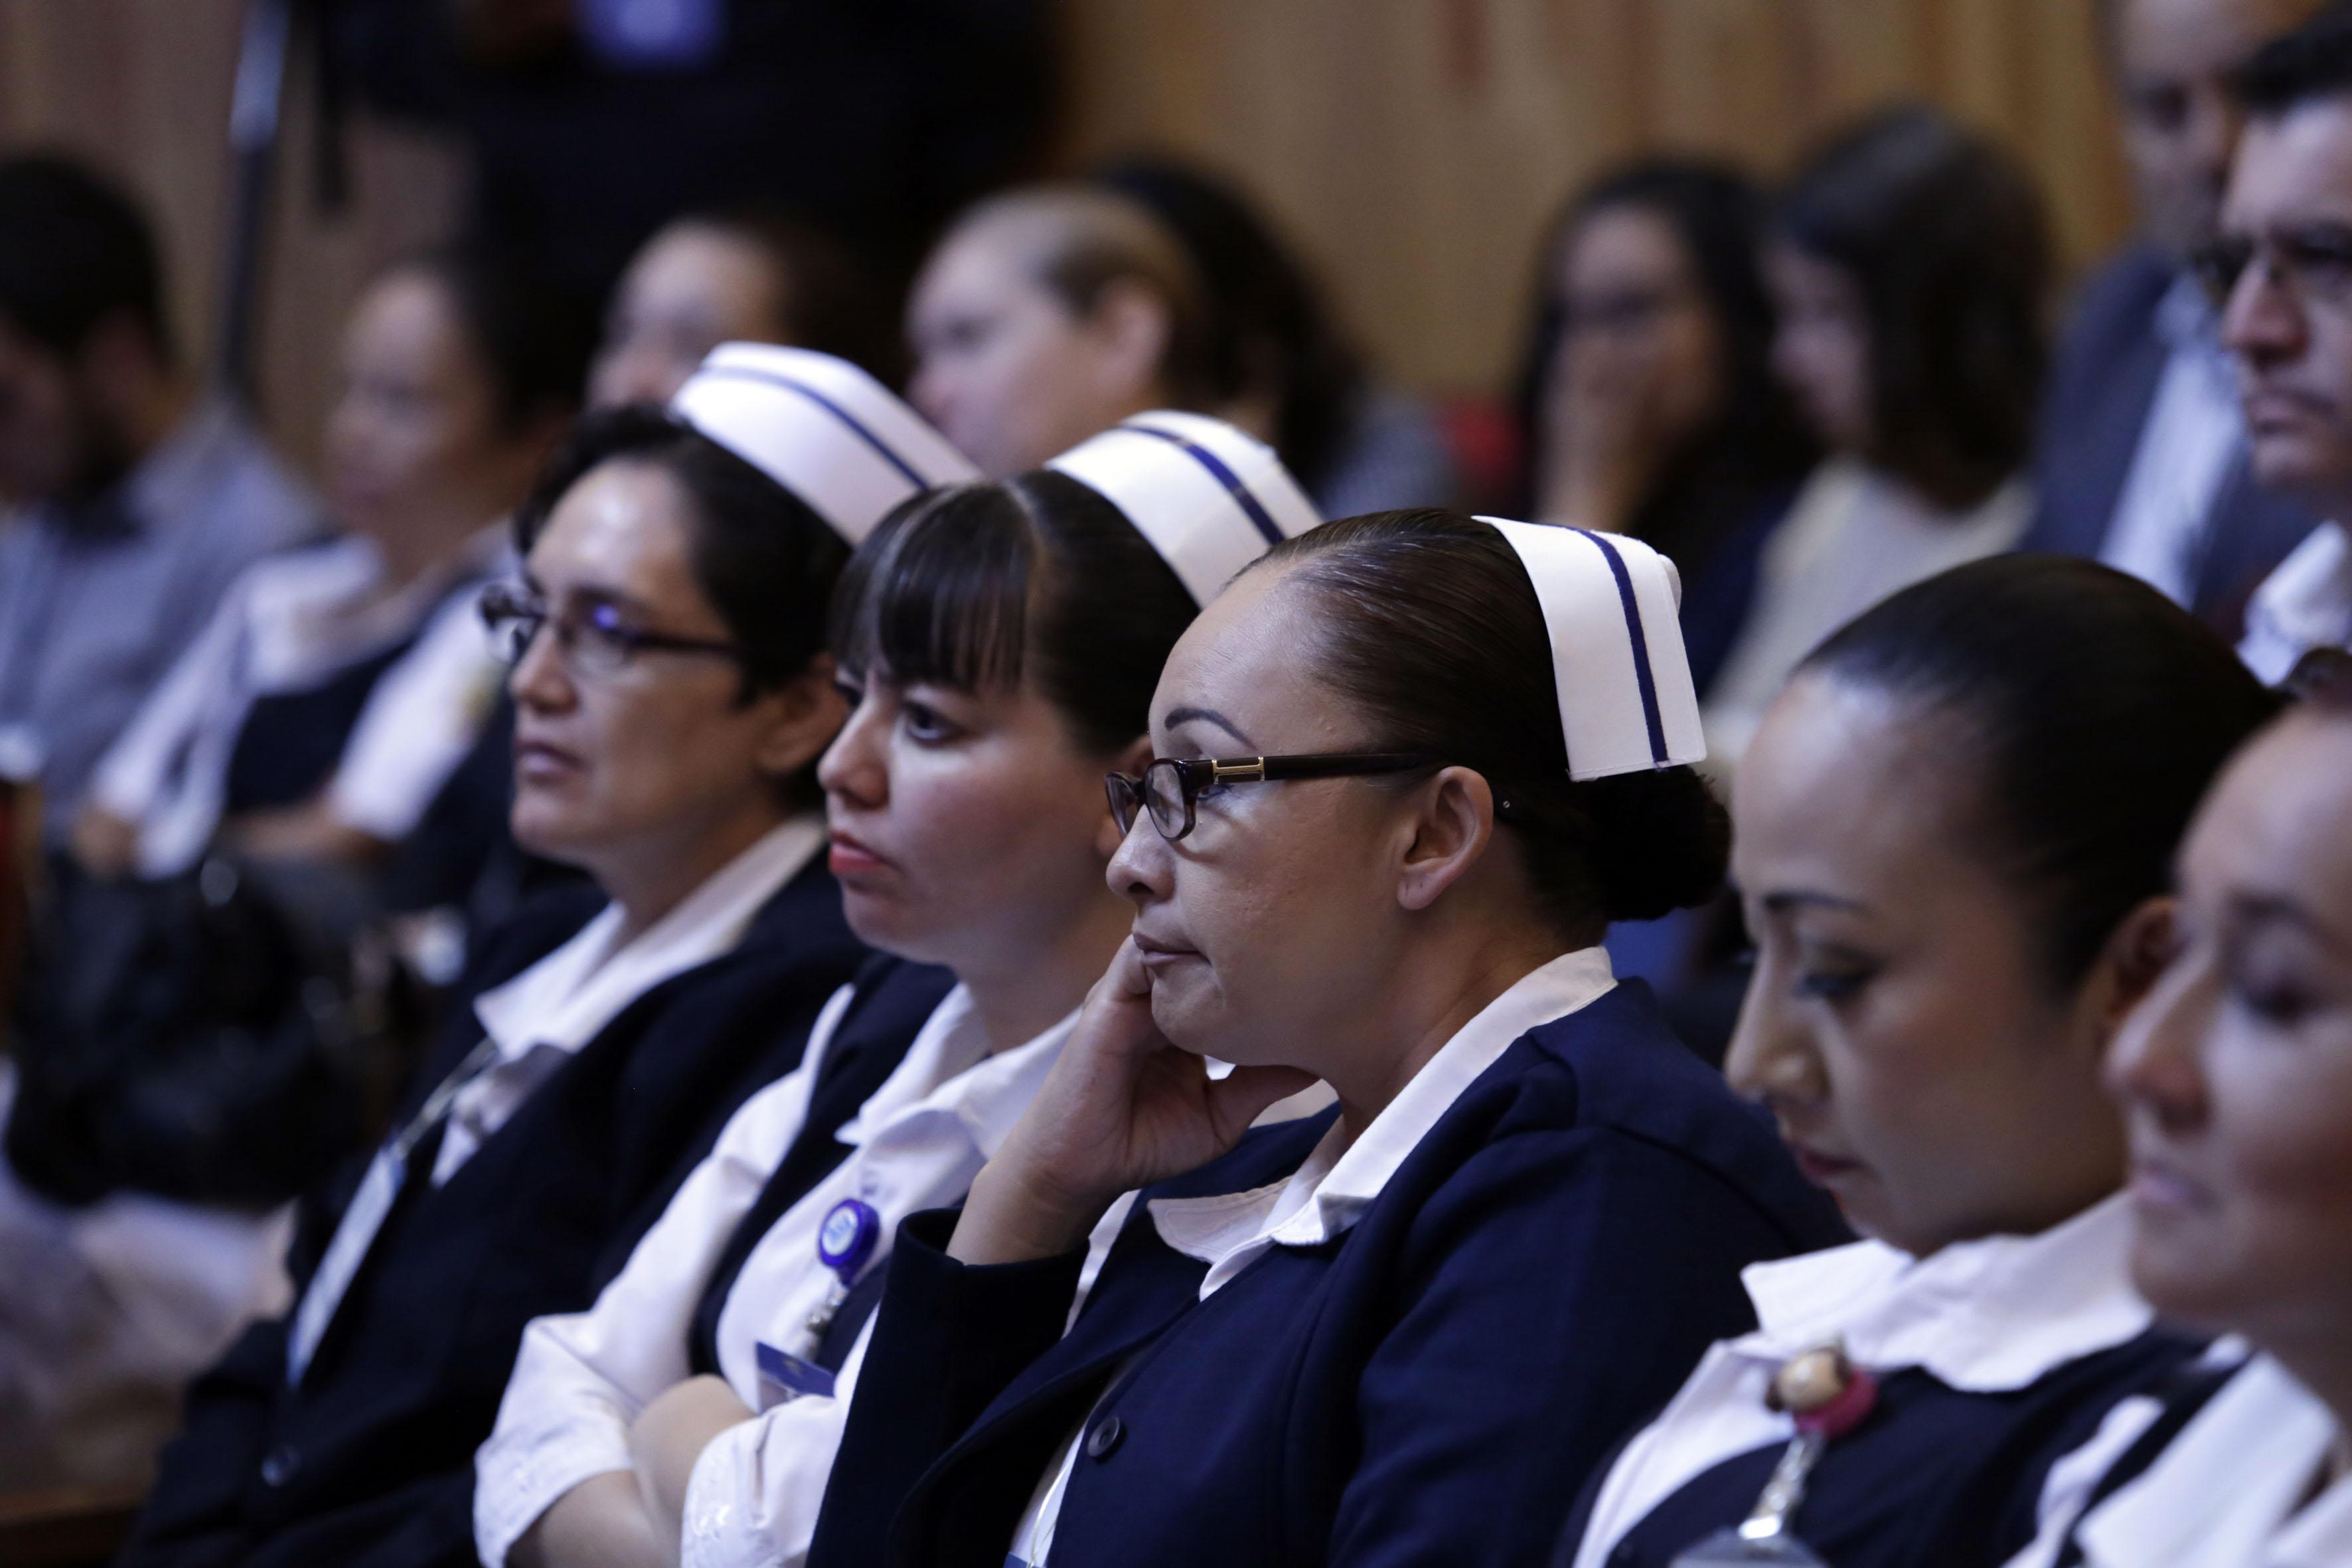 Enfermeras en el auditorio